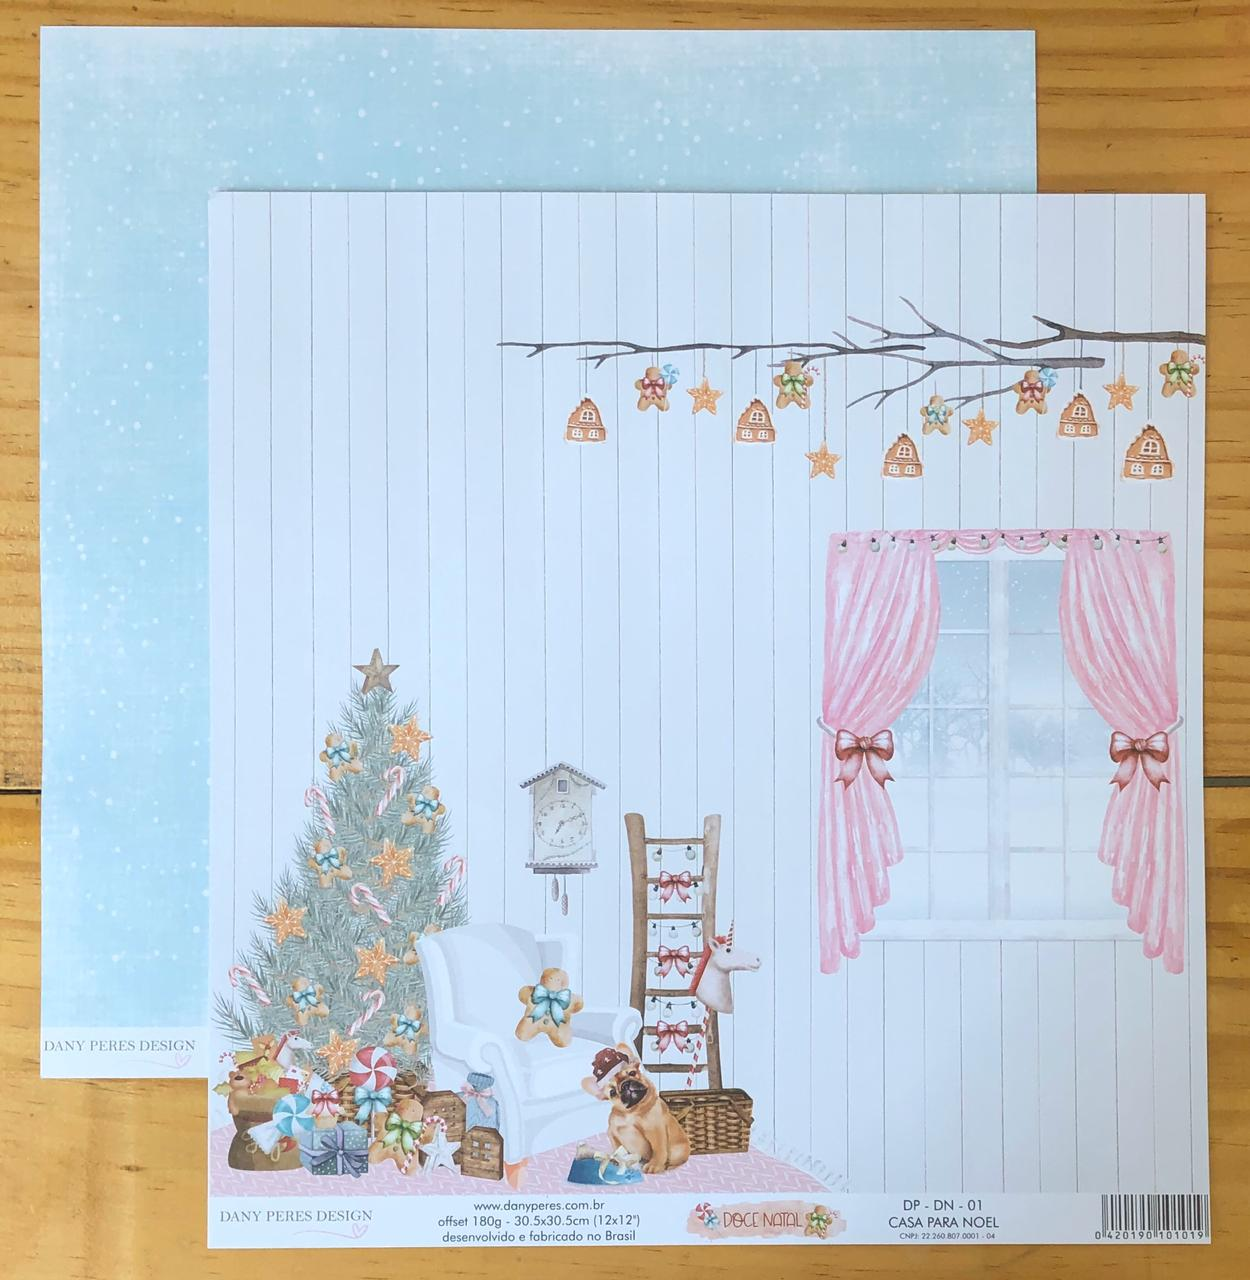 DP-DN-01 - Papel Scrap - Casa para Noel - Coleção Doce Natal - Dany Peres